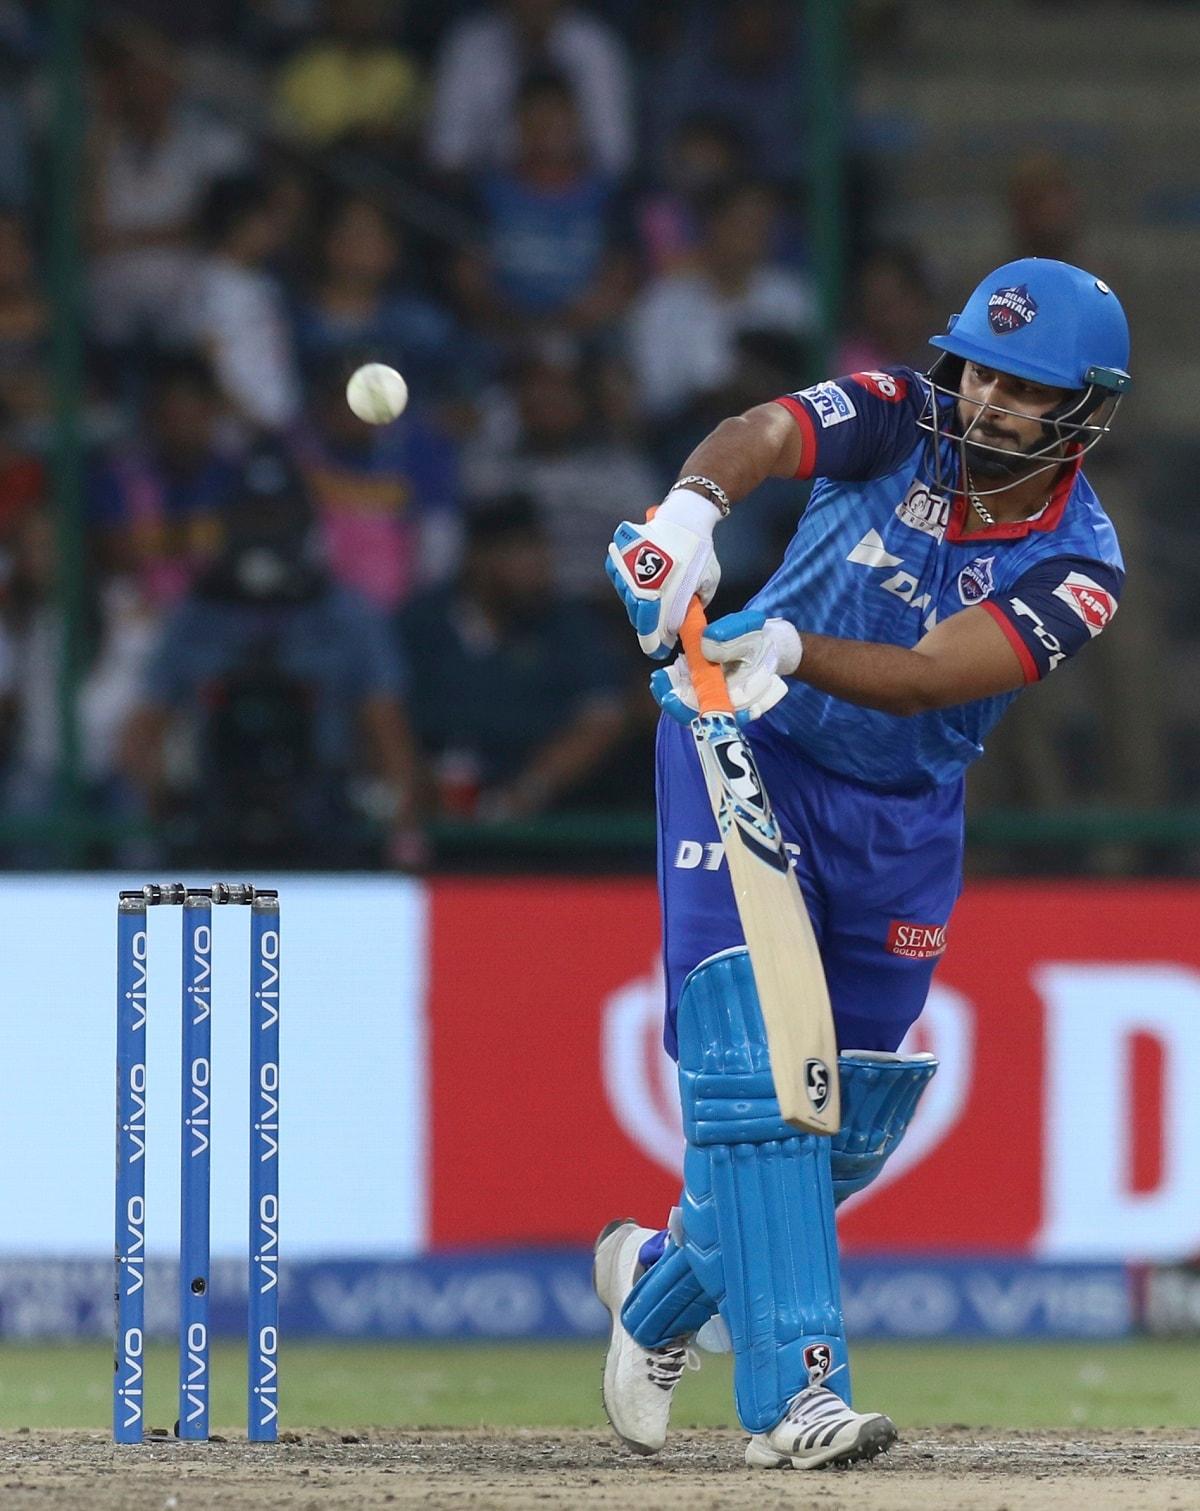 Rishabh Pant of Delhi Capitals bats during the VIVO IPL T20 cricket match between Delhi Capitals and Rajasthan Royals. (AP Photo/Surjeet Yadav)